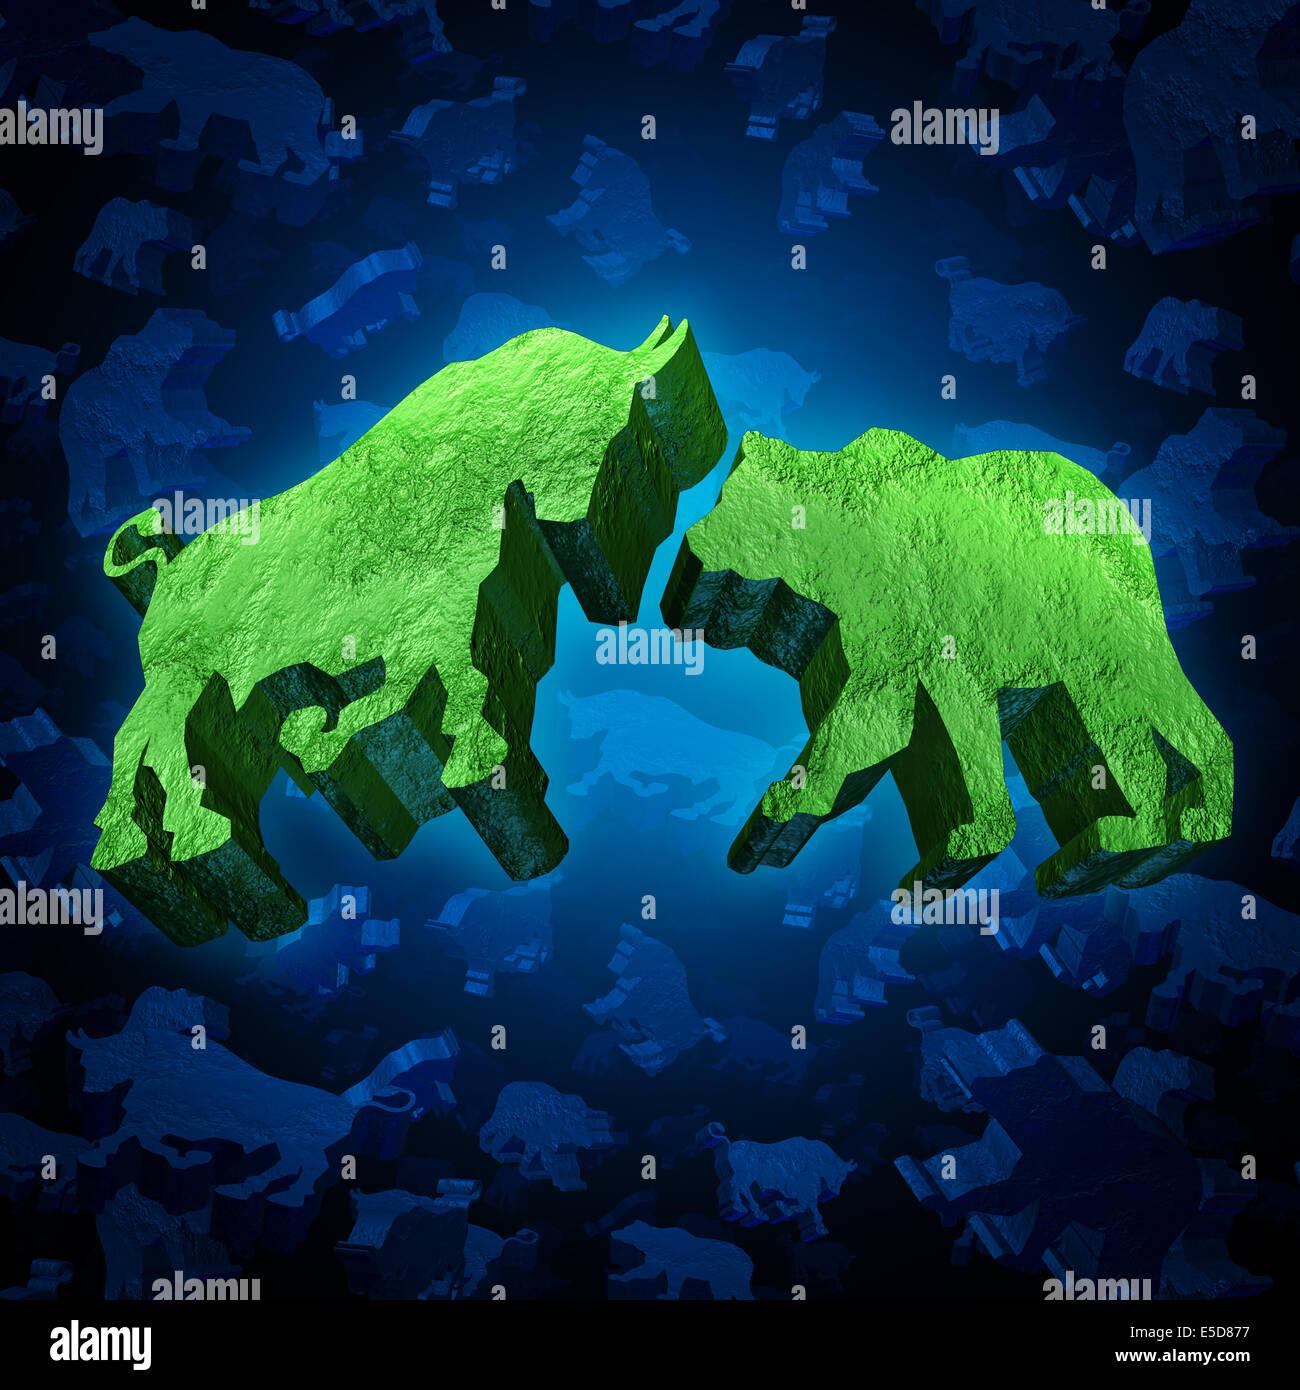 Börse Bulle und Bär investieren symbol als eine Gruppe von drei dimensionale trading Symbole als ein Begriff Stockbild